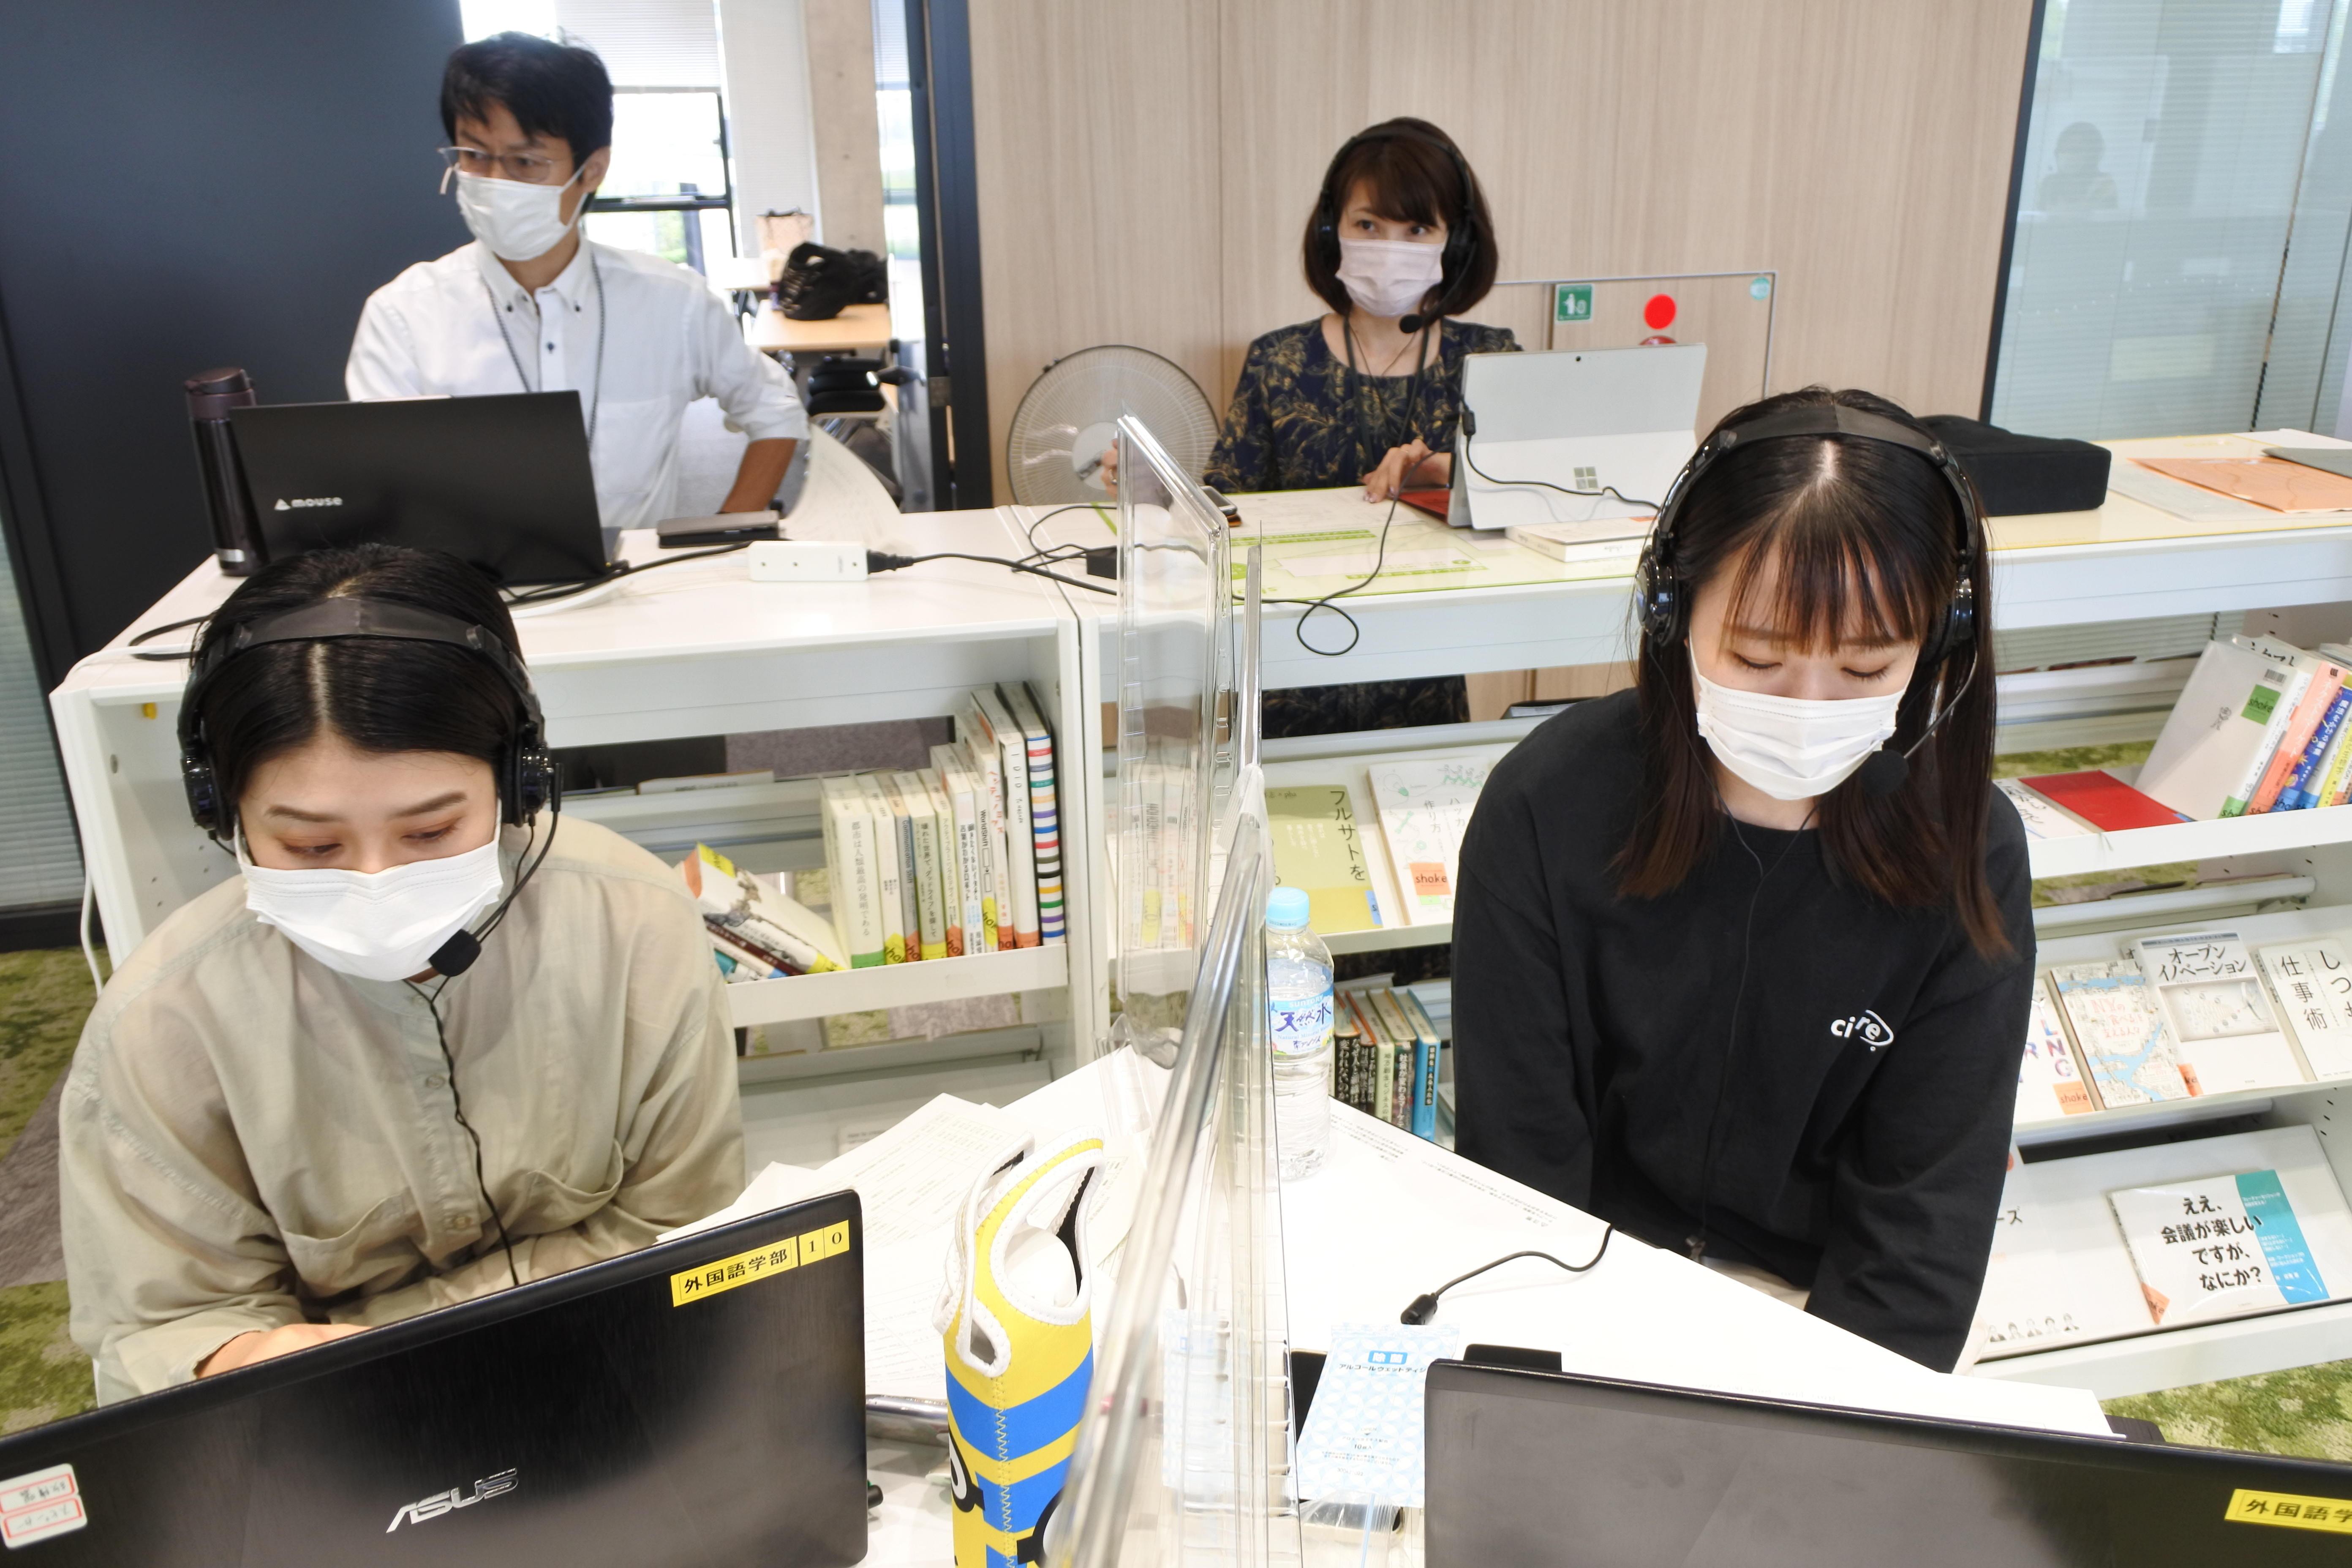 後方左が柳沢秀郎教授、右が池沙弥准教授